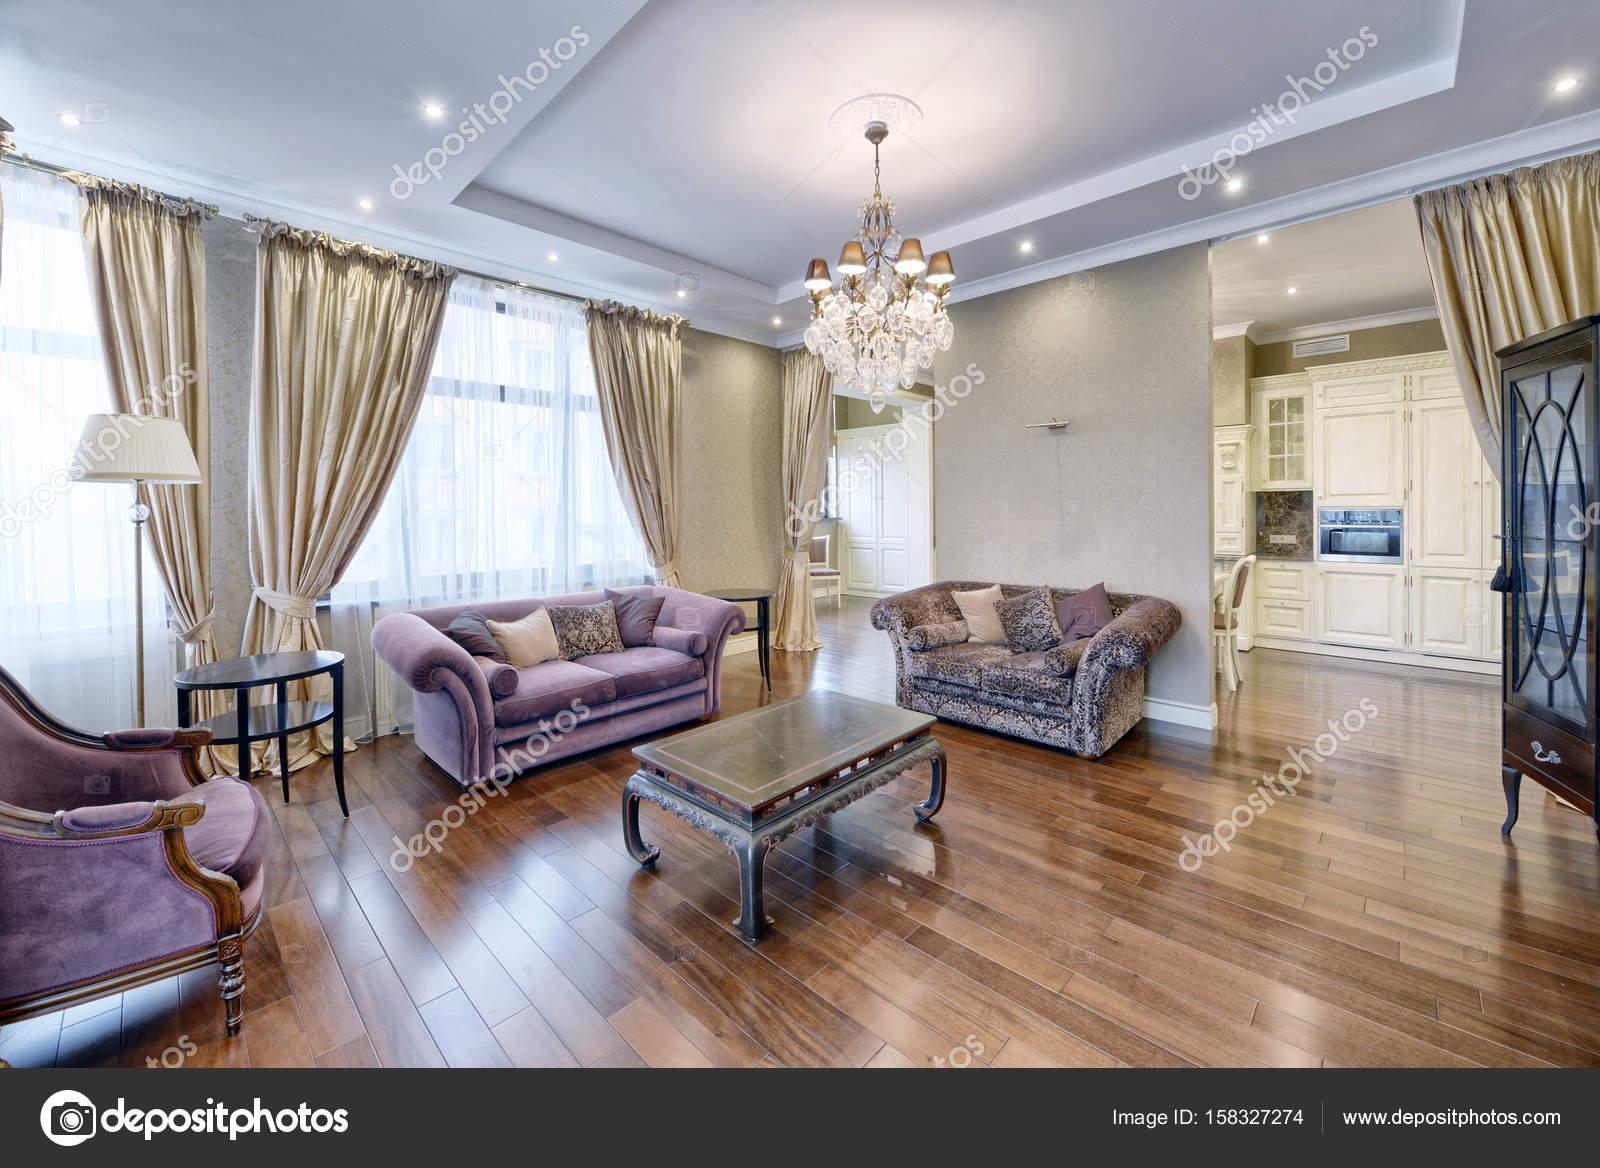 Wohnzimmer Interieur in modernes Haus — Stockfoto © ovchinnikovfoto ...